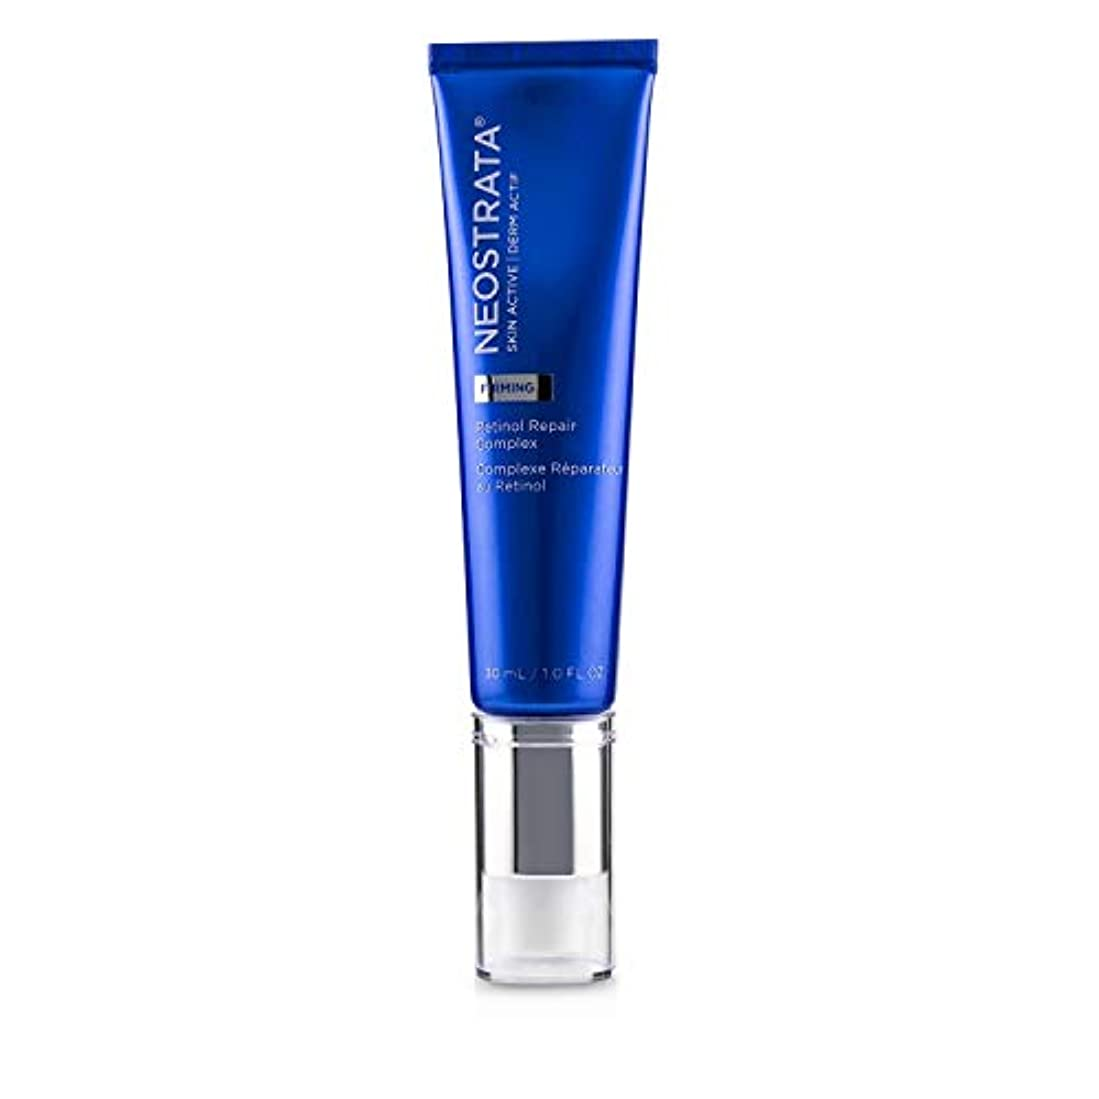 敬な素子受け入れるネオストラータ Skin Active Derm Actif Firming - Retinol Repair Complex 30ml/1oz並行輸入品